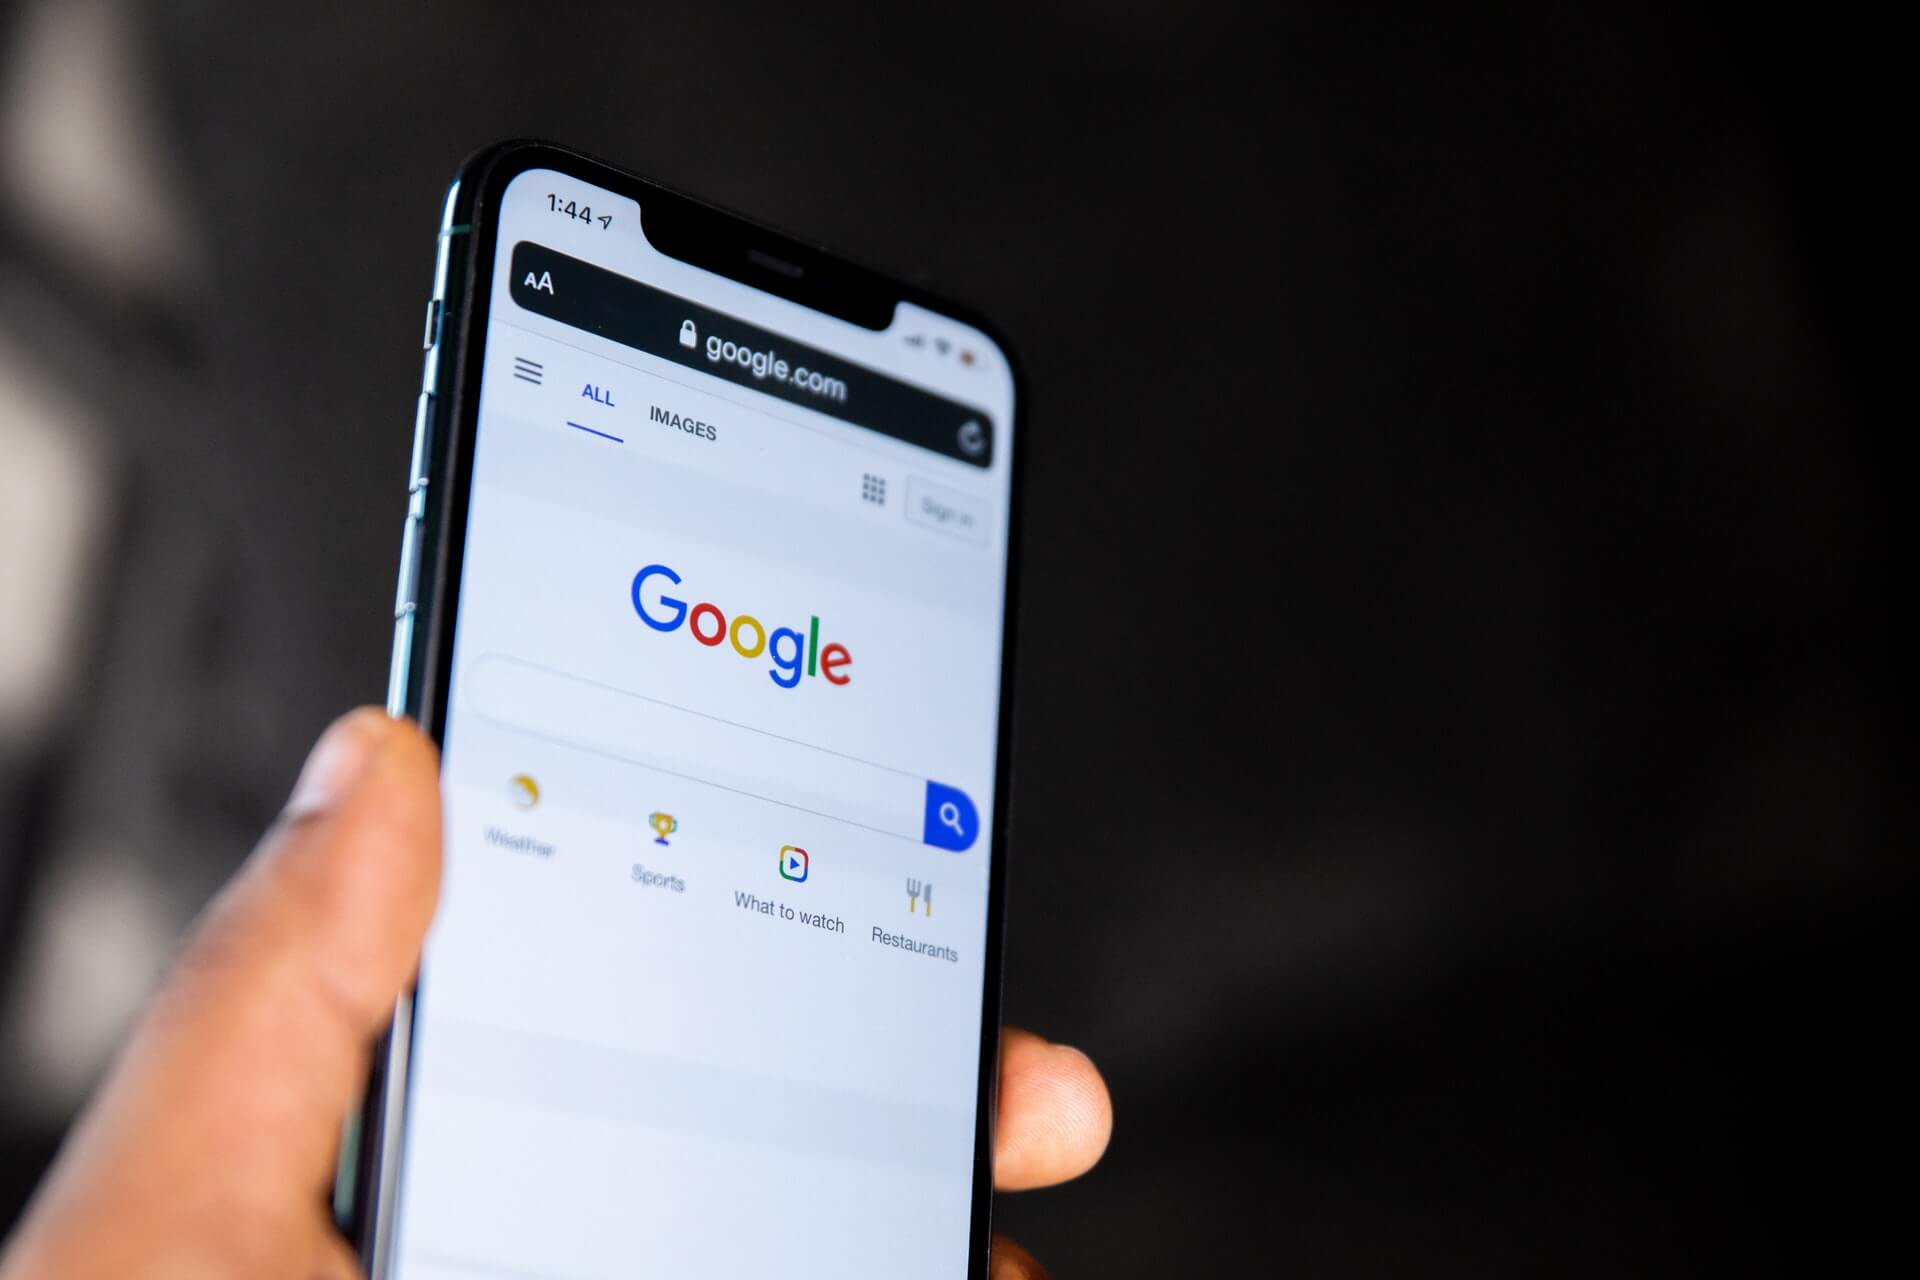 Wizytówka Google Moja Firma. Jak założyć i zweryfikować wizytówkę GMF?